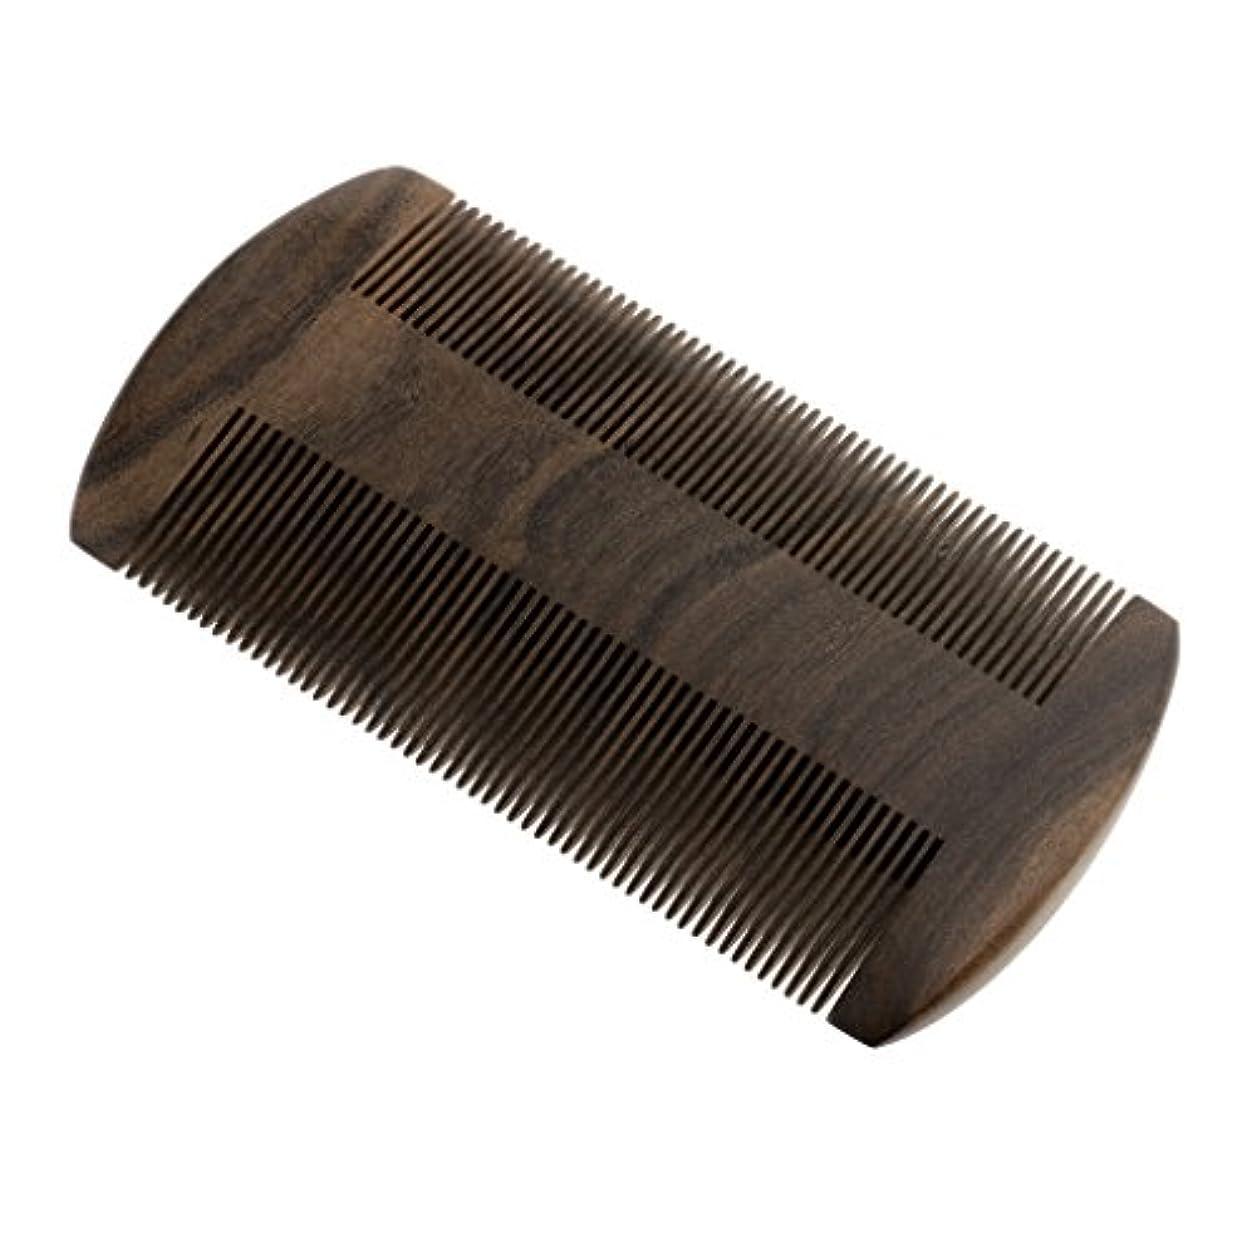 石膏まとめる一方、ヘア櫛 ヘアブラシ ヘアコーム ウッド 静電気防止 高倍密度の歯 チャケートプレト 携帯便利